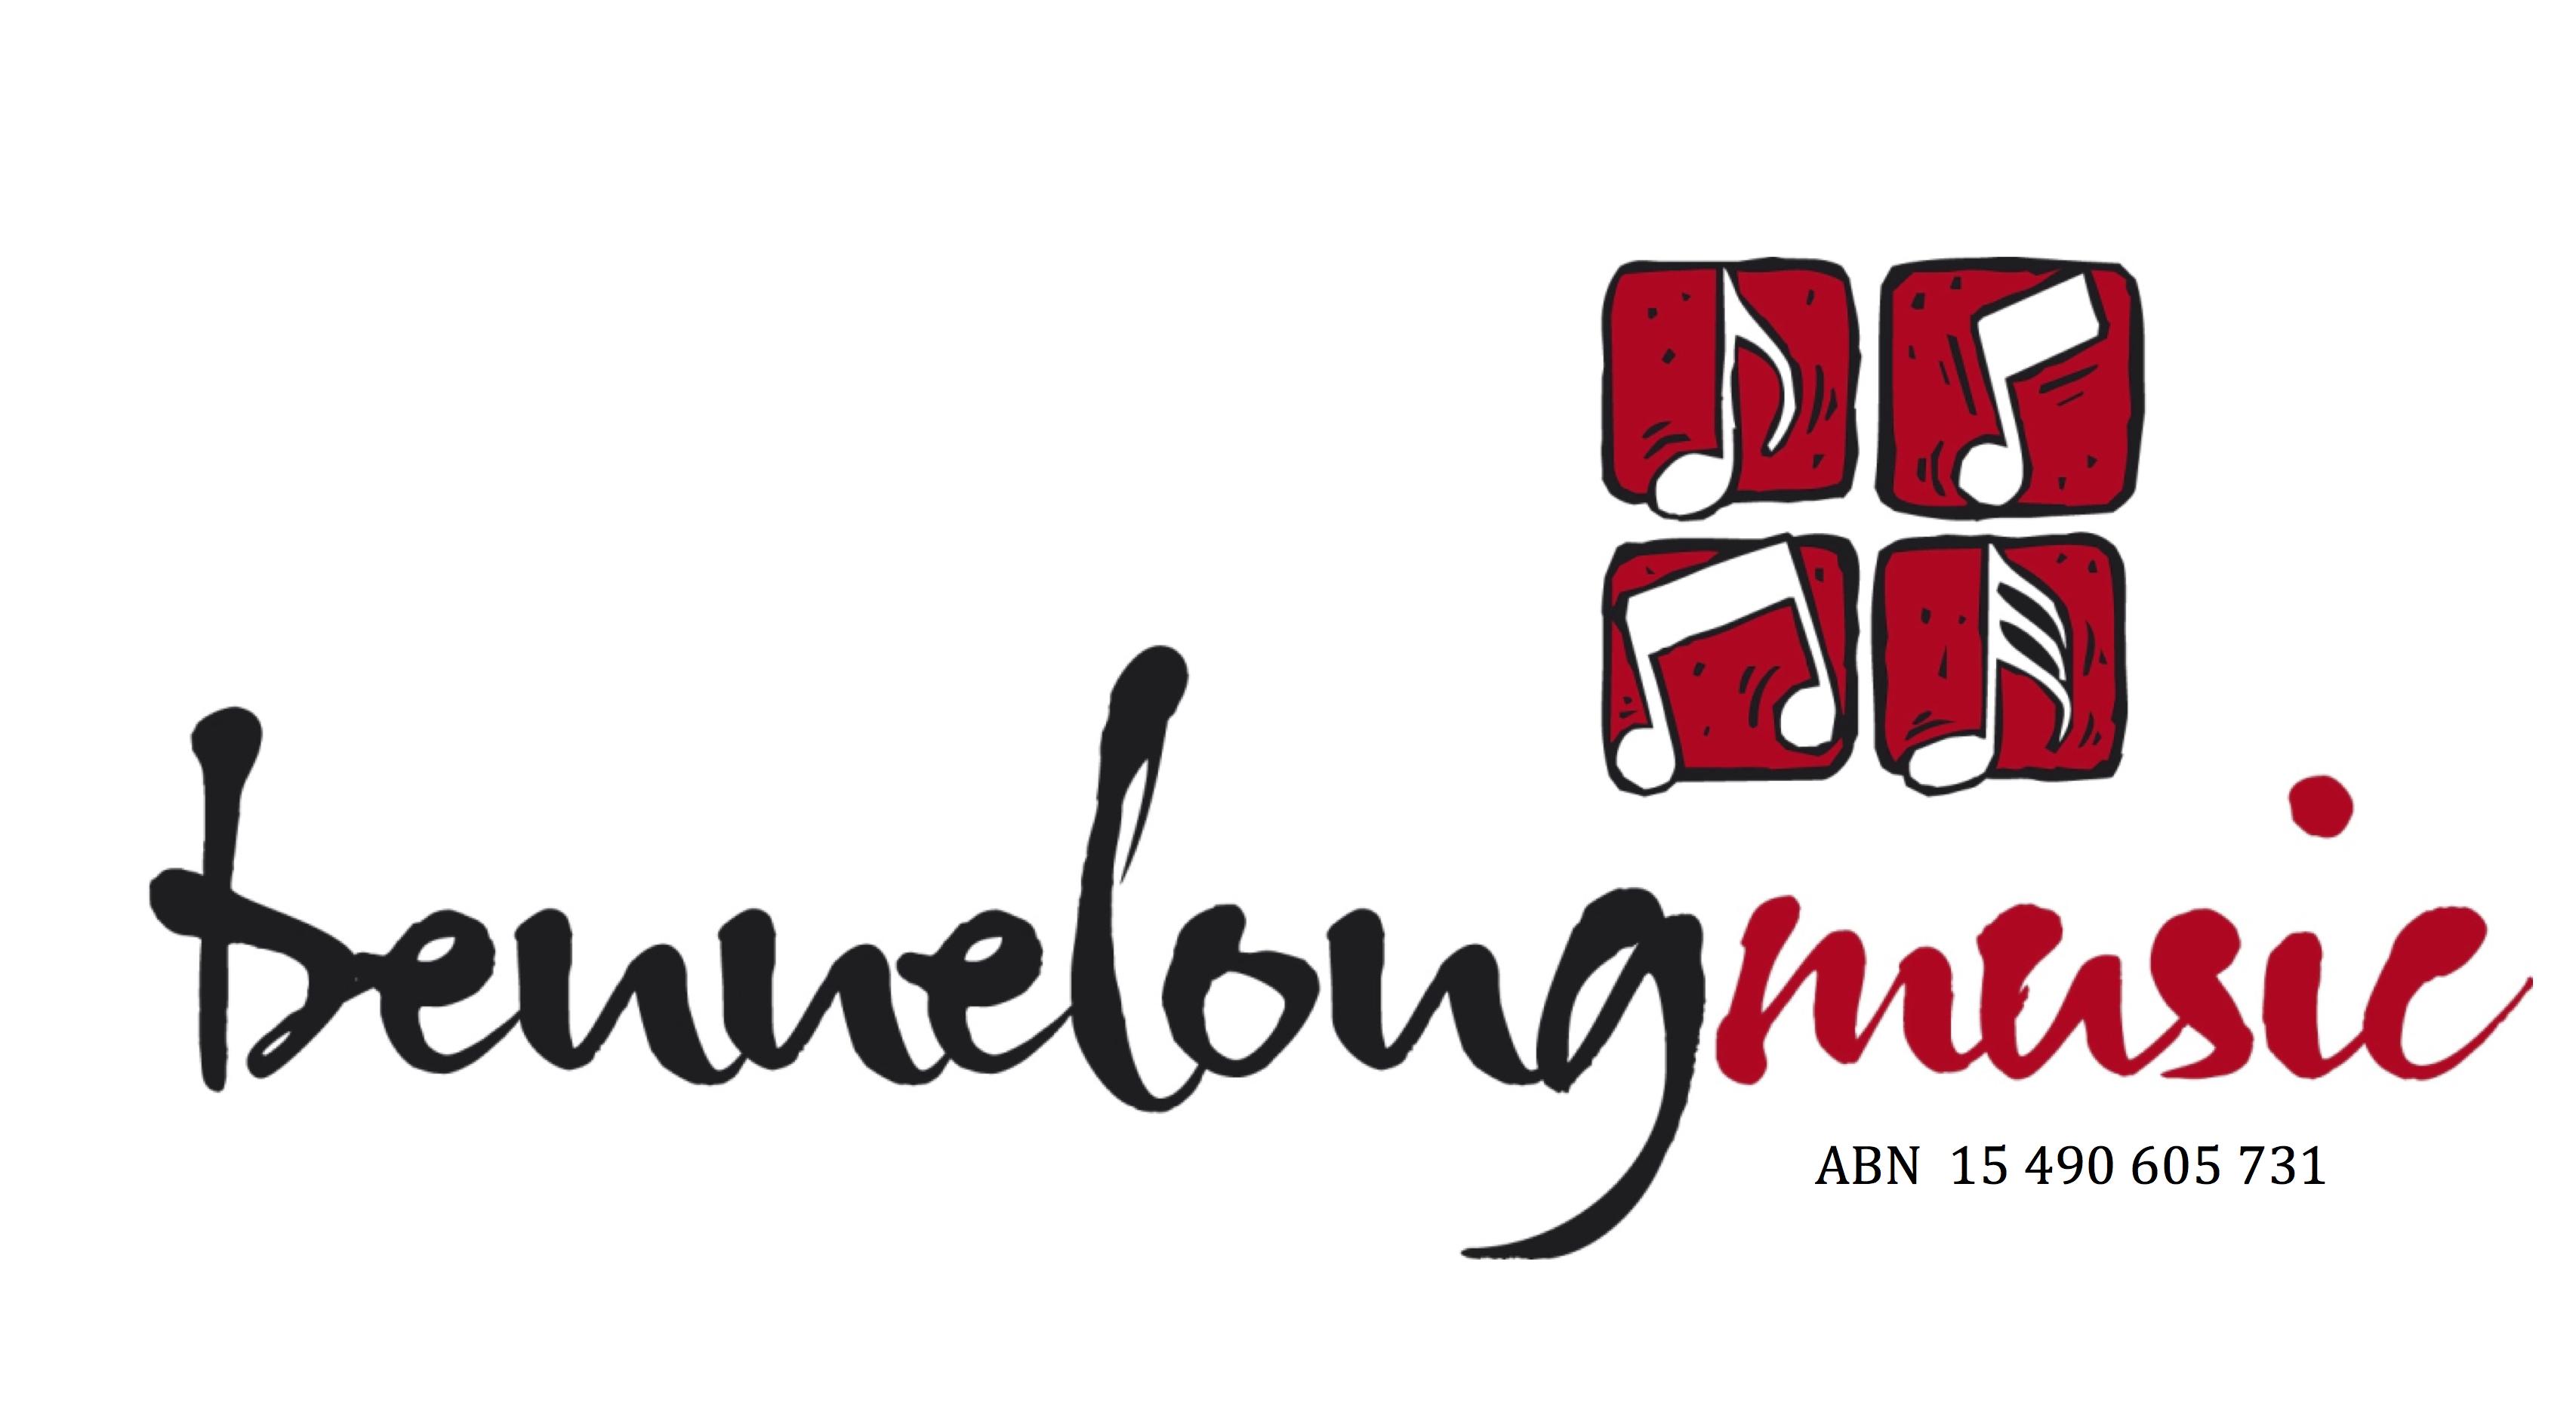 Bennelong Music